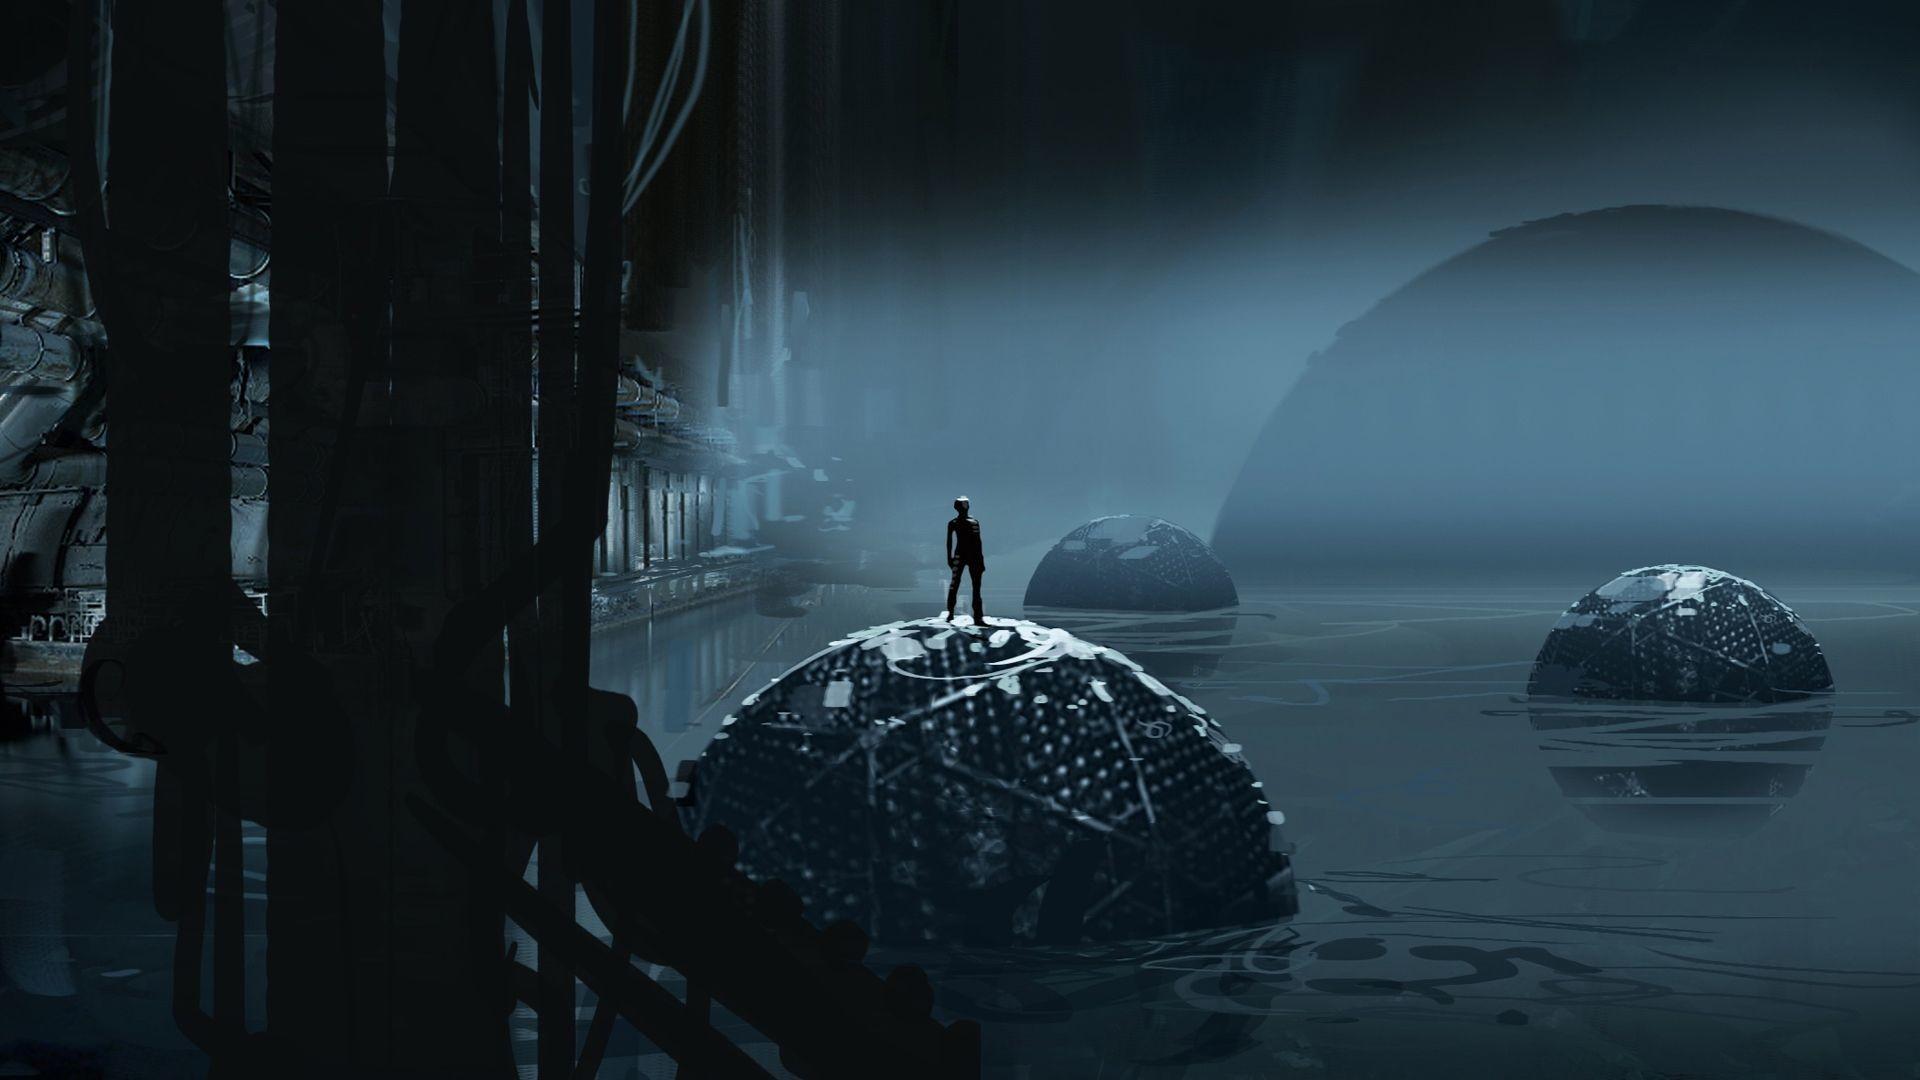 Portal 2 Wallpapers HD – Wallpaper Cave